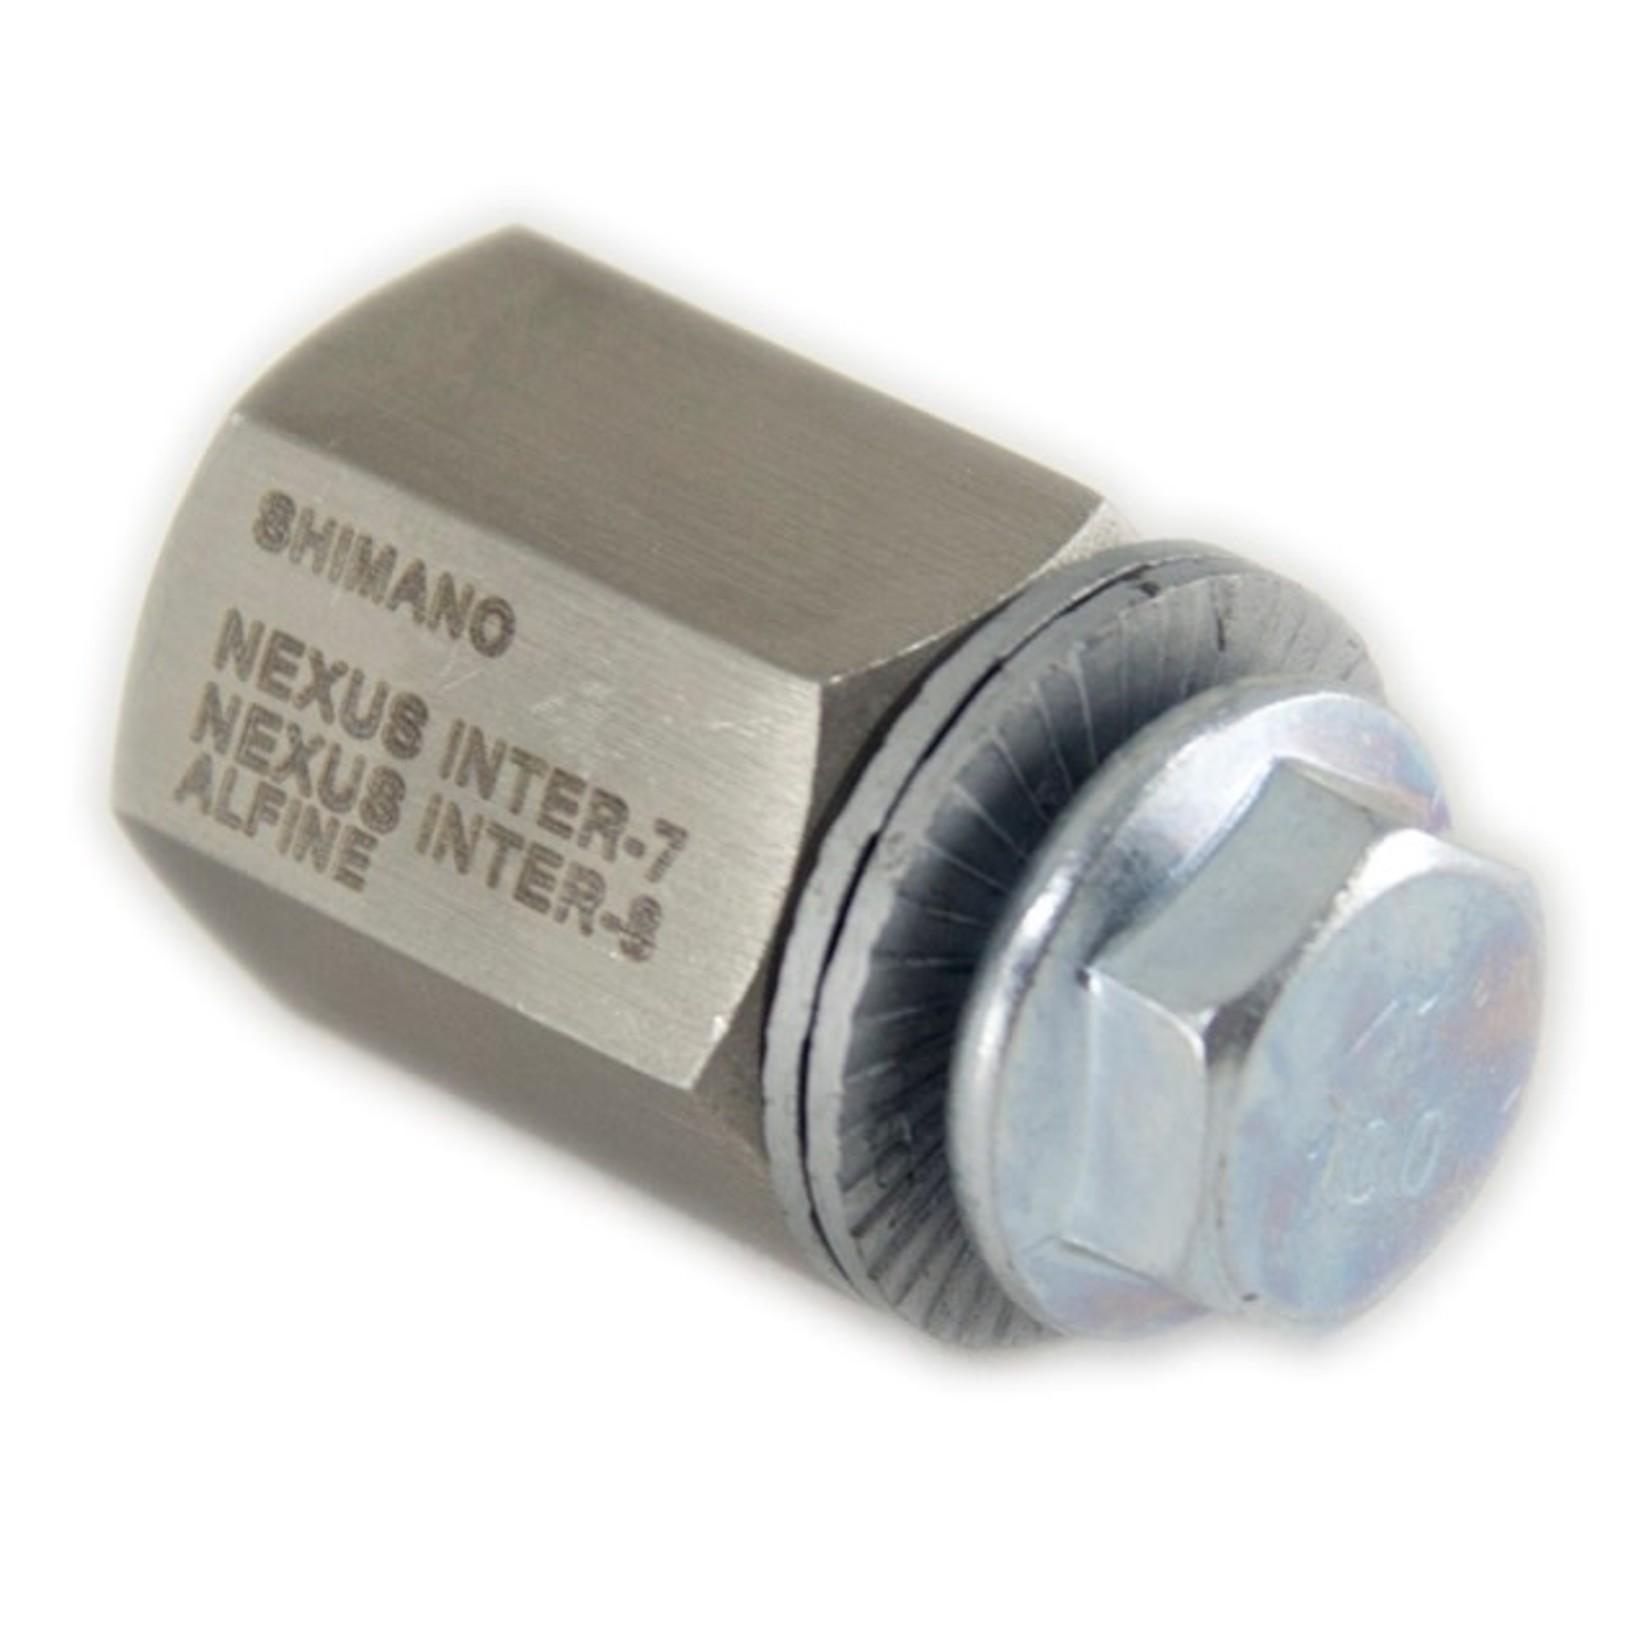 THULE THULE - Adapter per attacco a cambio (M10x1) SRAM/BionX/Rohloff/Enviolo)